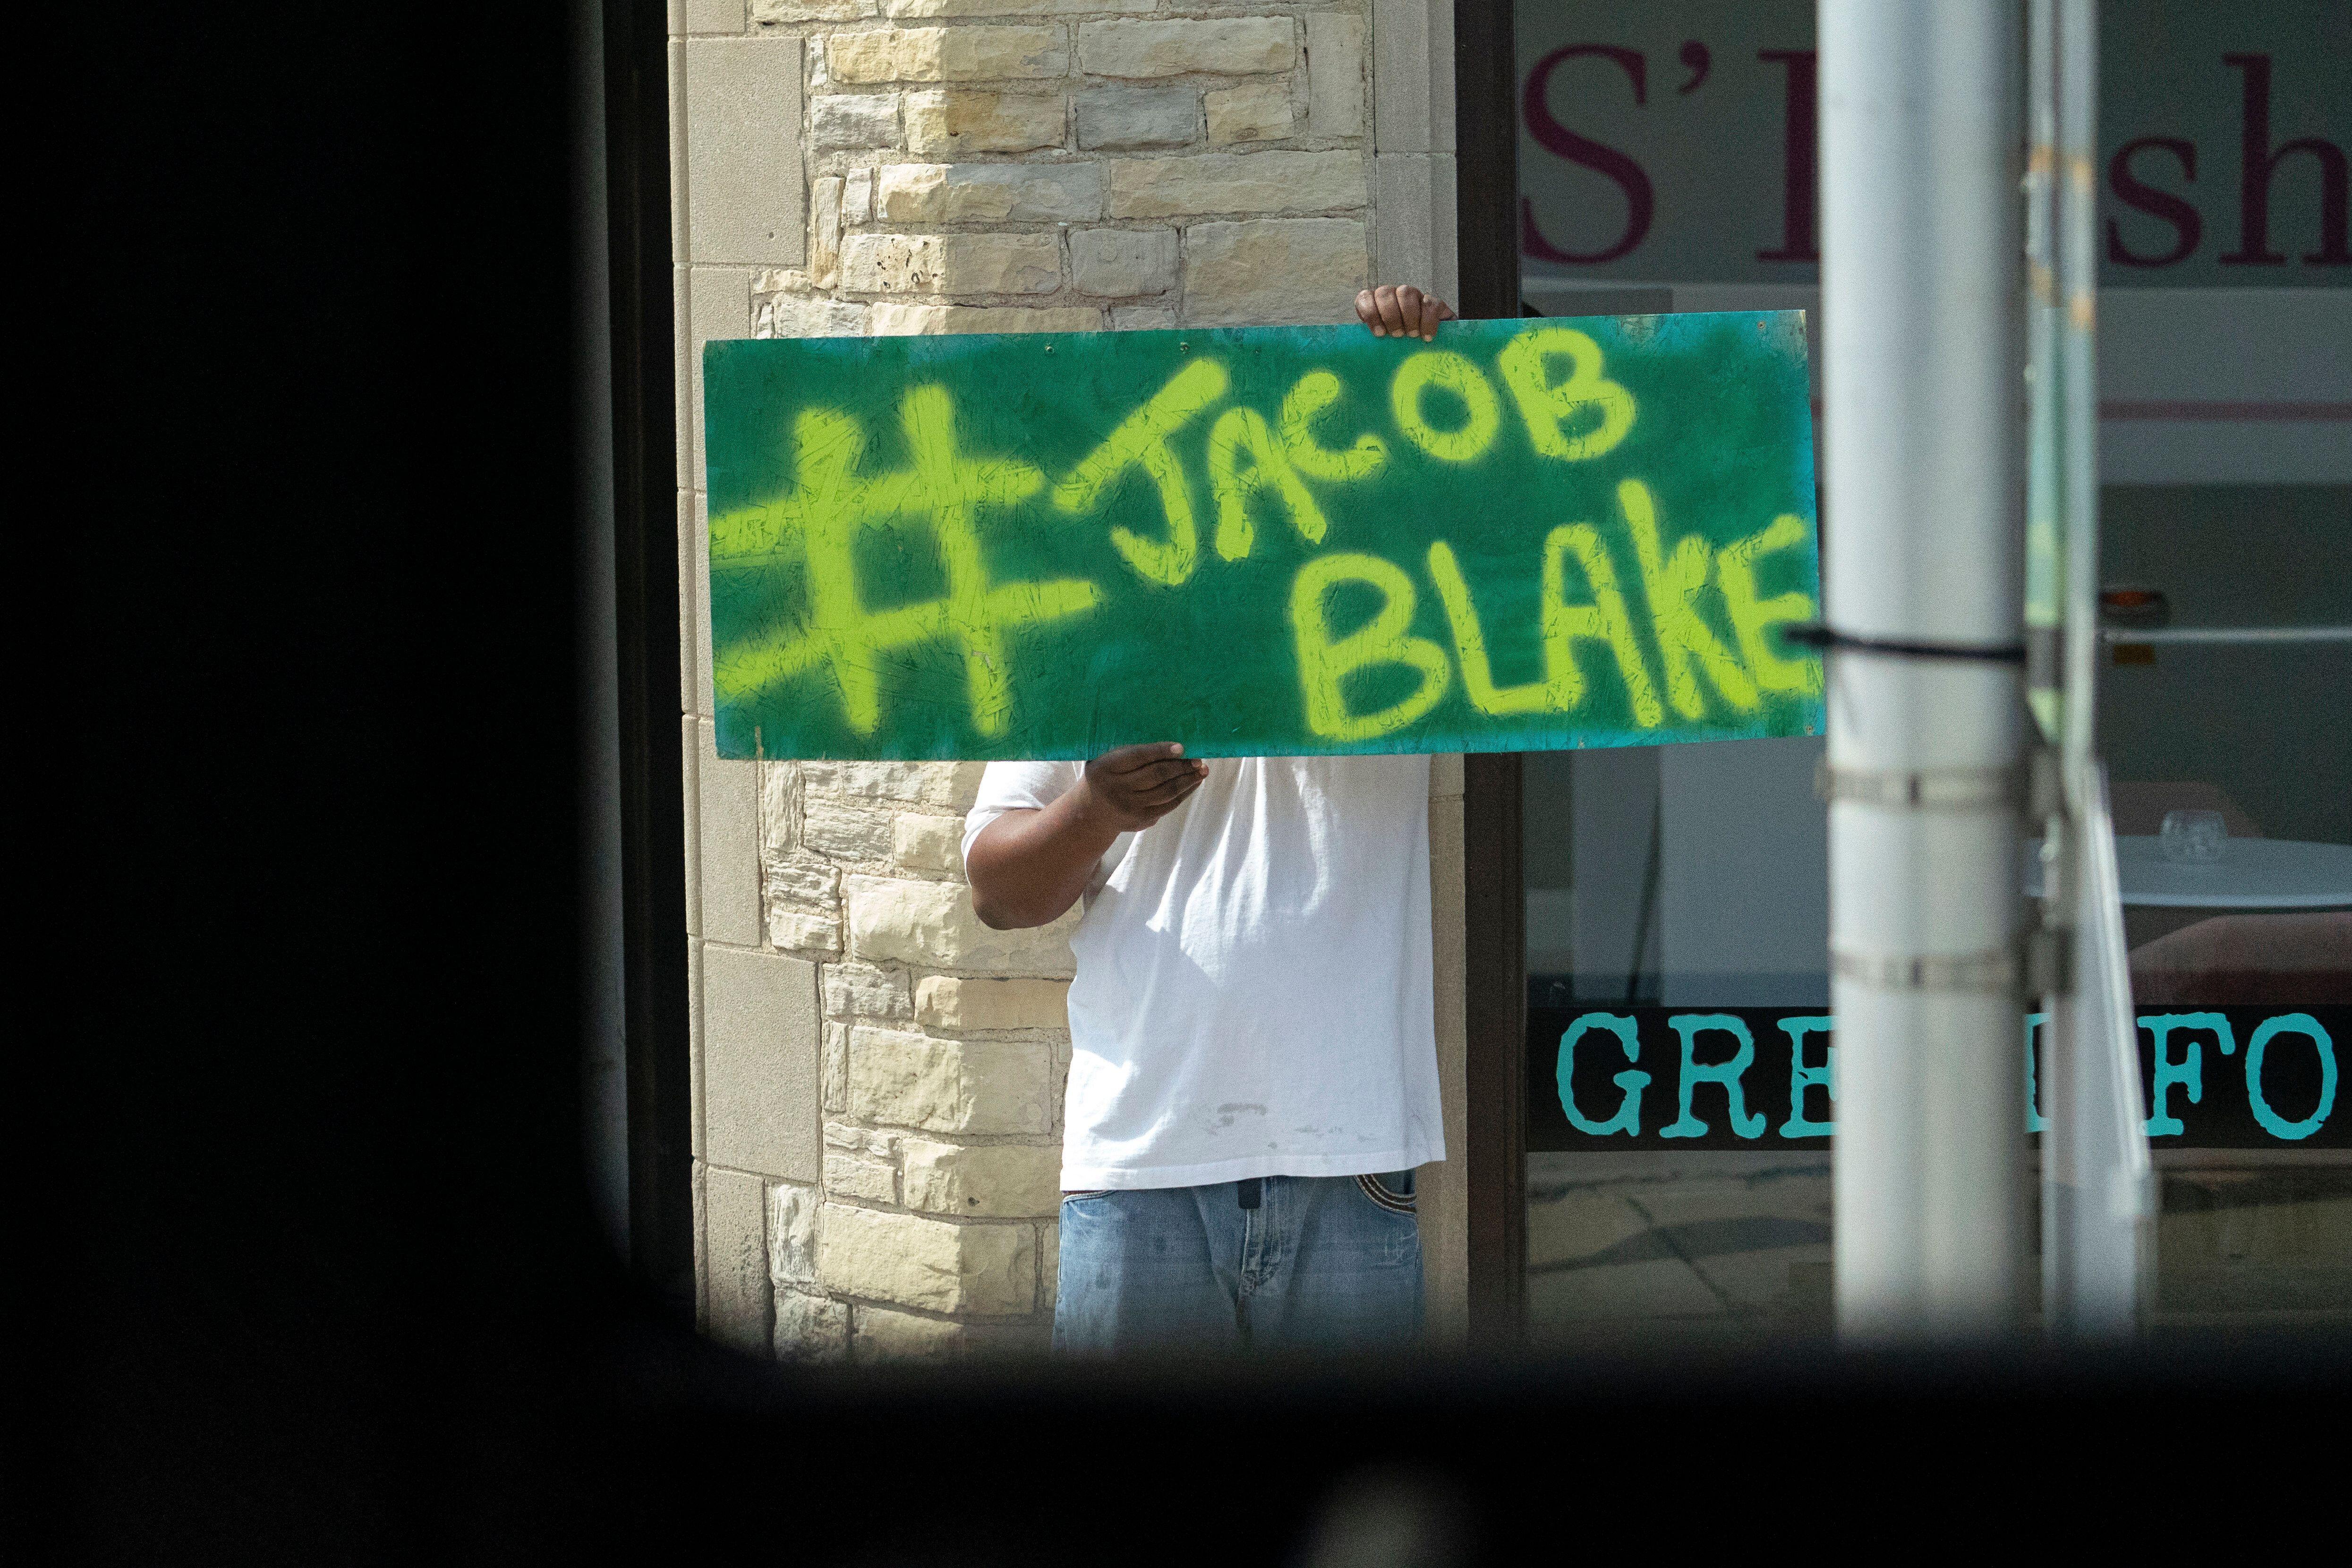 As Democratic nominee Joe Biden's motorcade made its way through Kenosha, Wisconsin, earlier this month, an onlooker held up